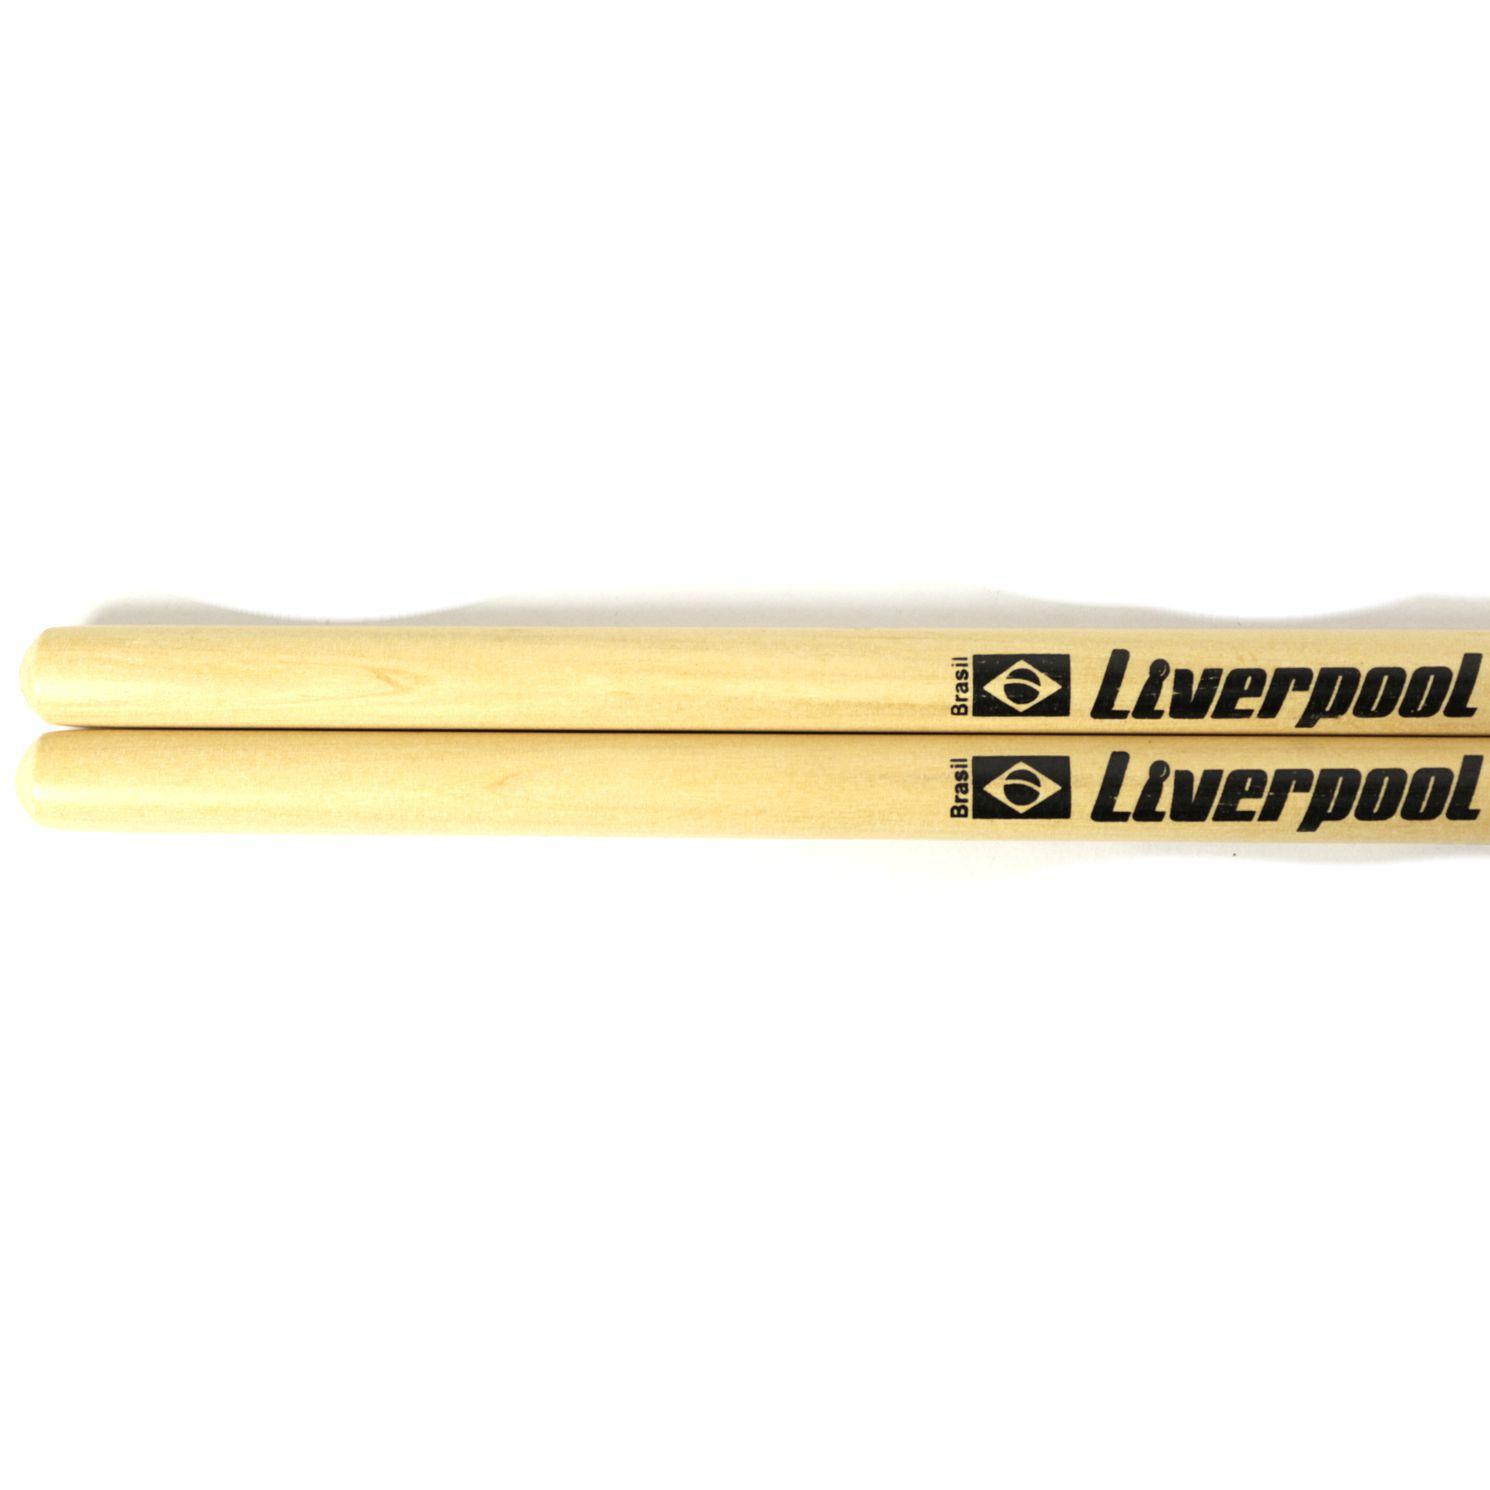 Baquetas 7A em Marfim Liverpool Classic Series Ponta de NYLON LL 7AN